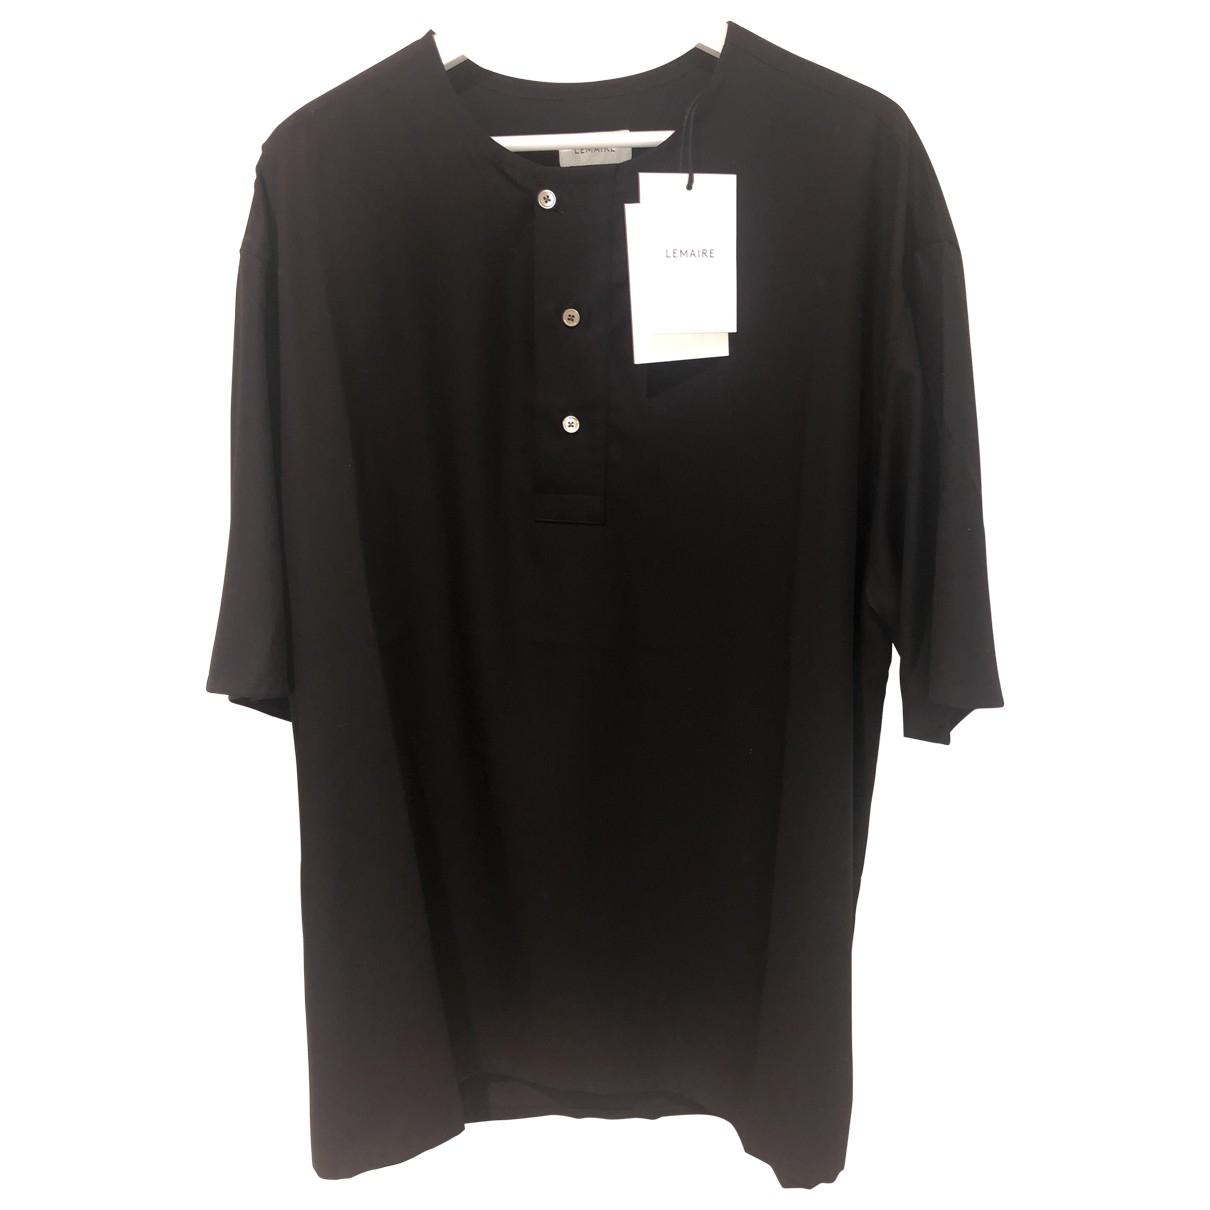 Camiseta Lemaire